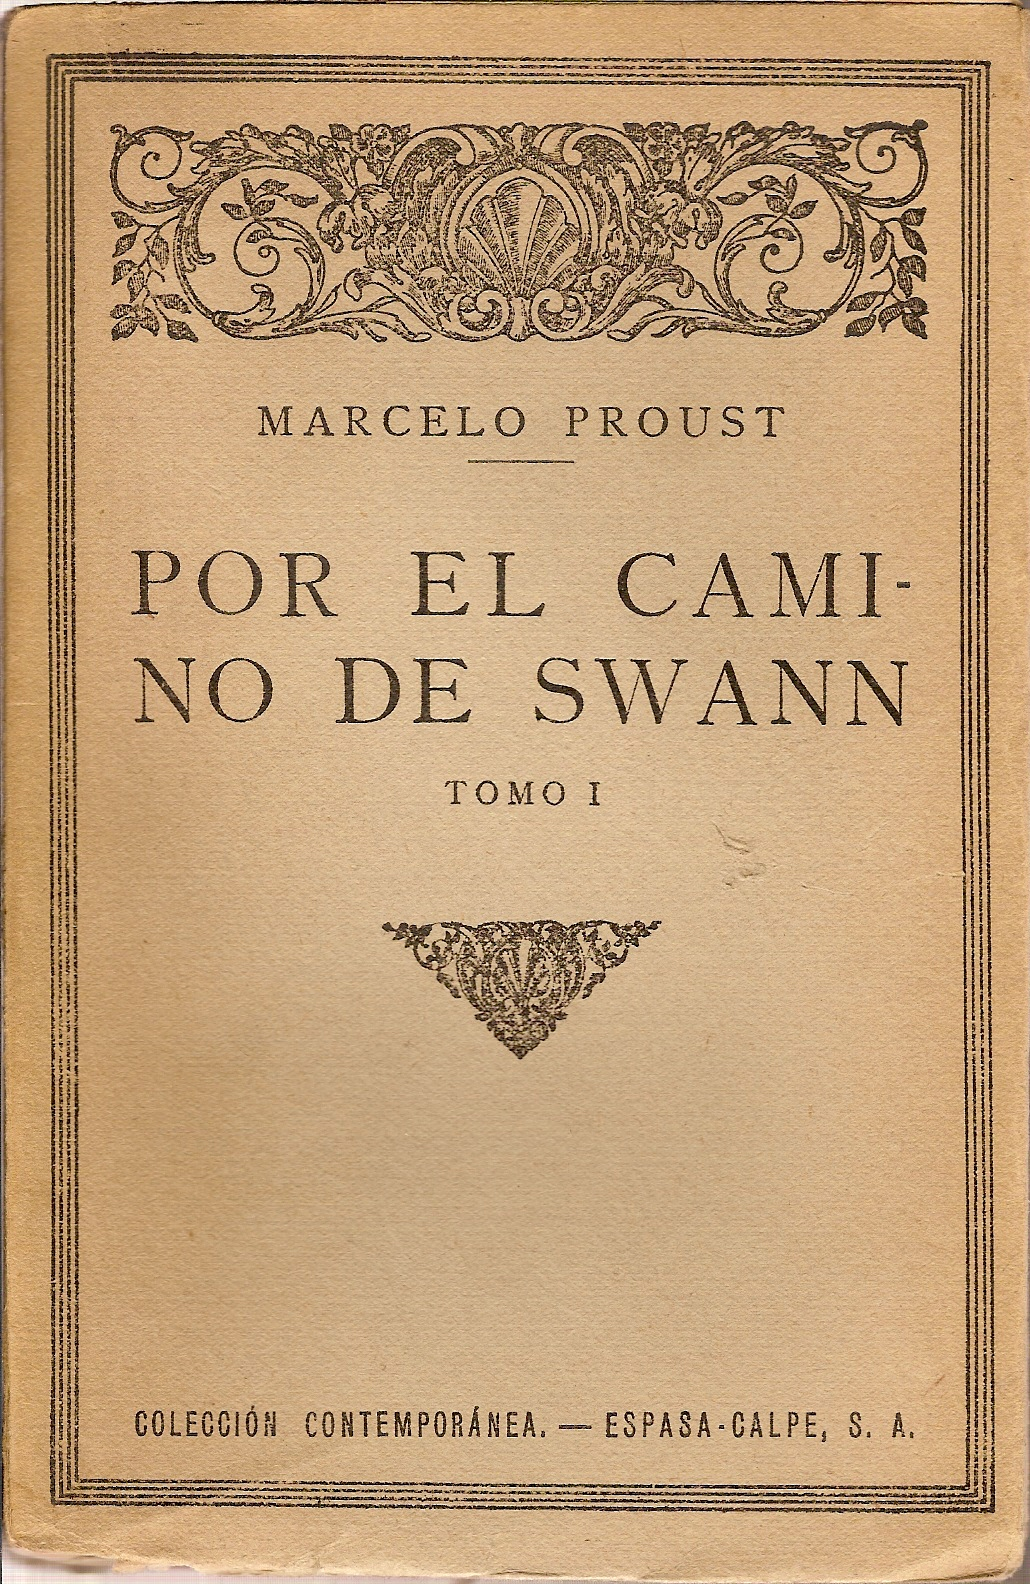 por el camino de swann wikipedia la enciclopedia libre ForPor El Camino De Swann